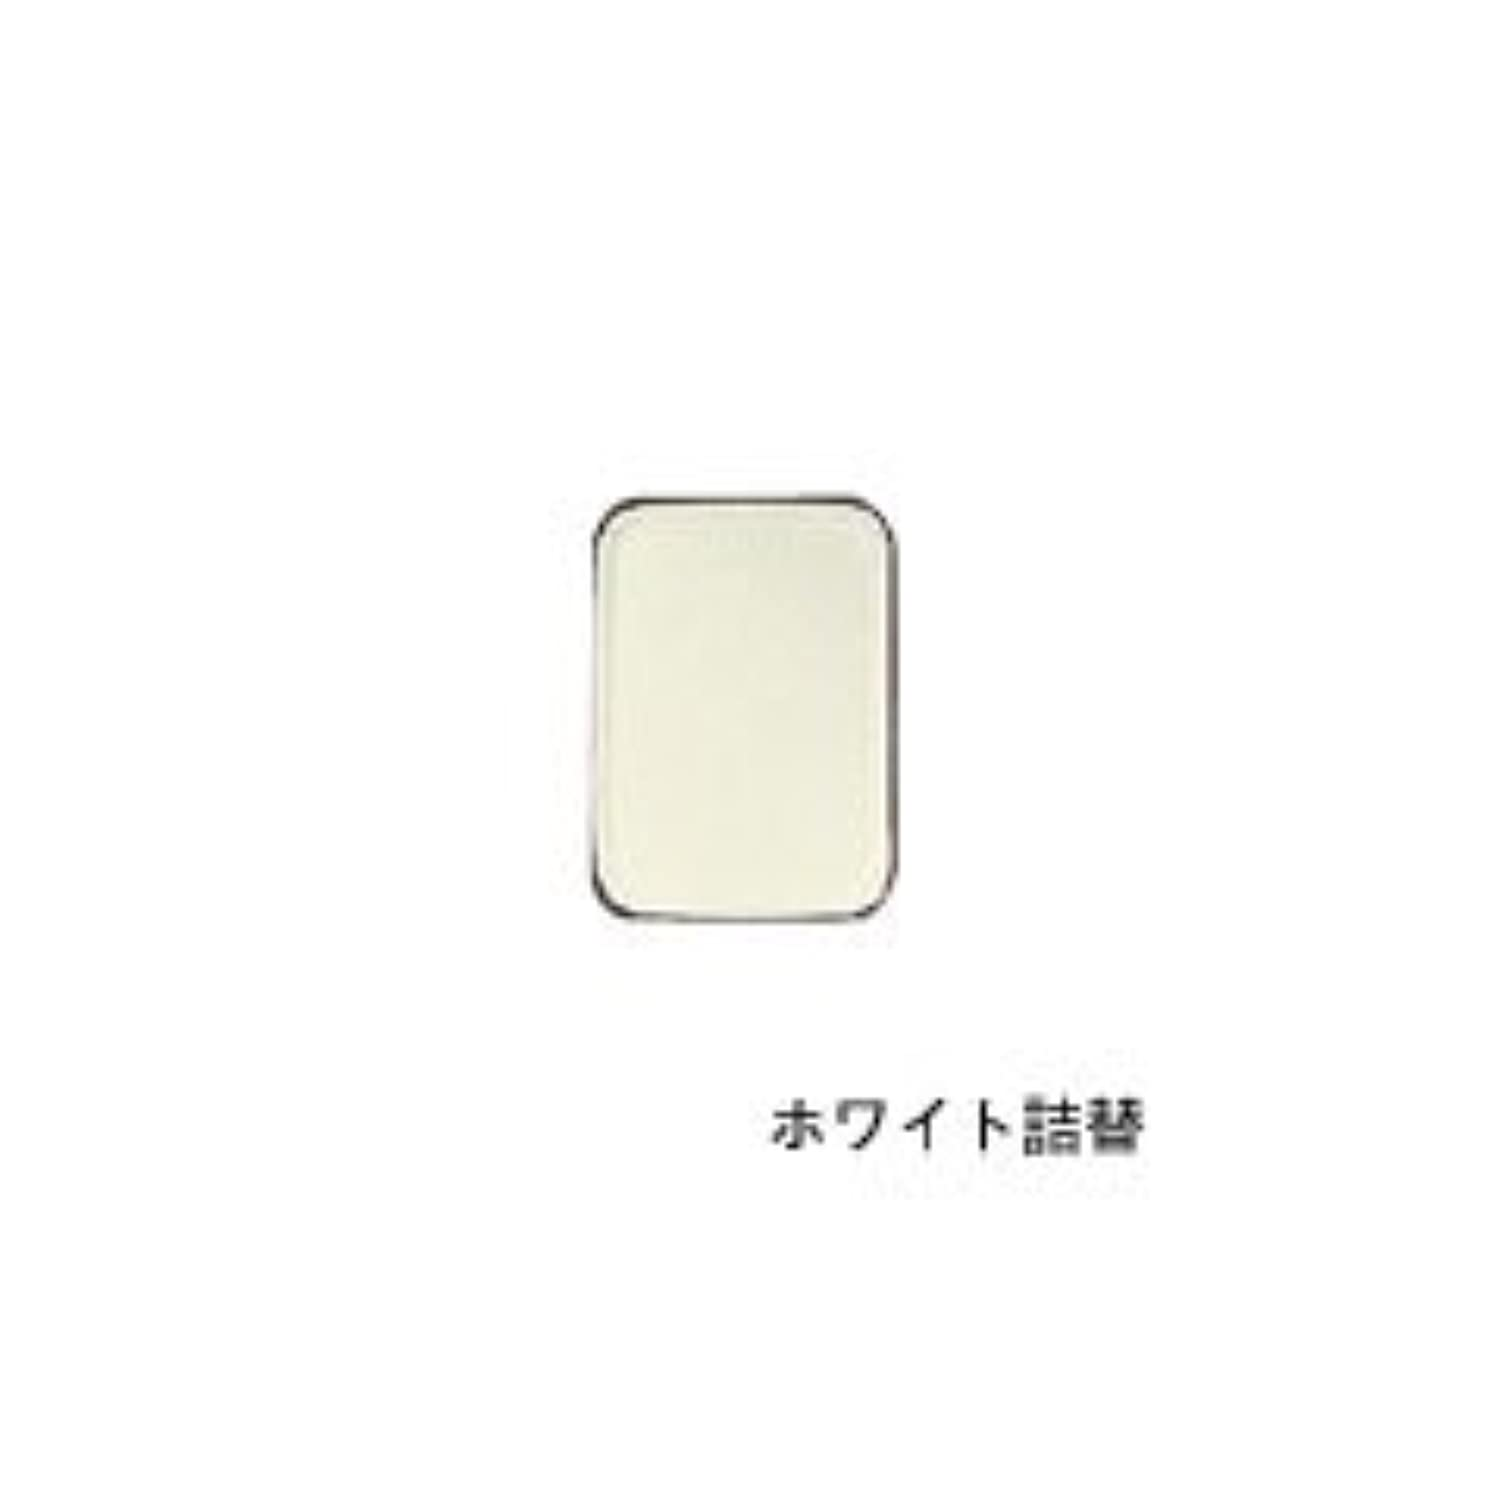 リマナチュラル ピュアアイカラー 詰替用 ホワイト×2個       JAN:4514991230439